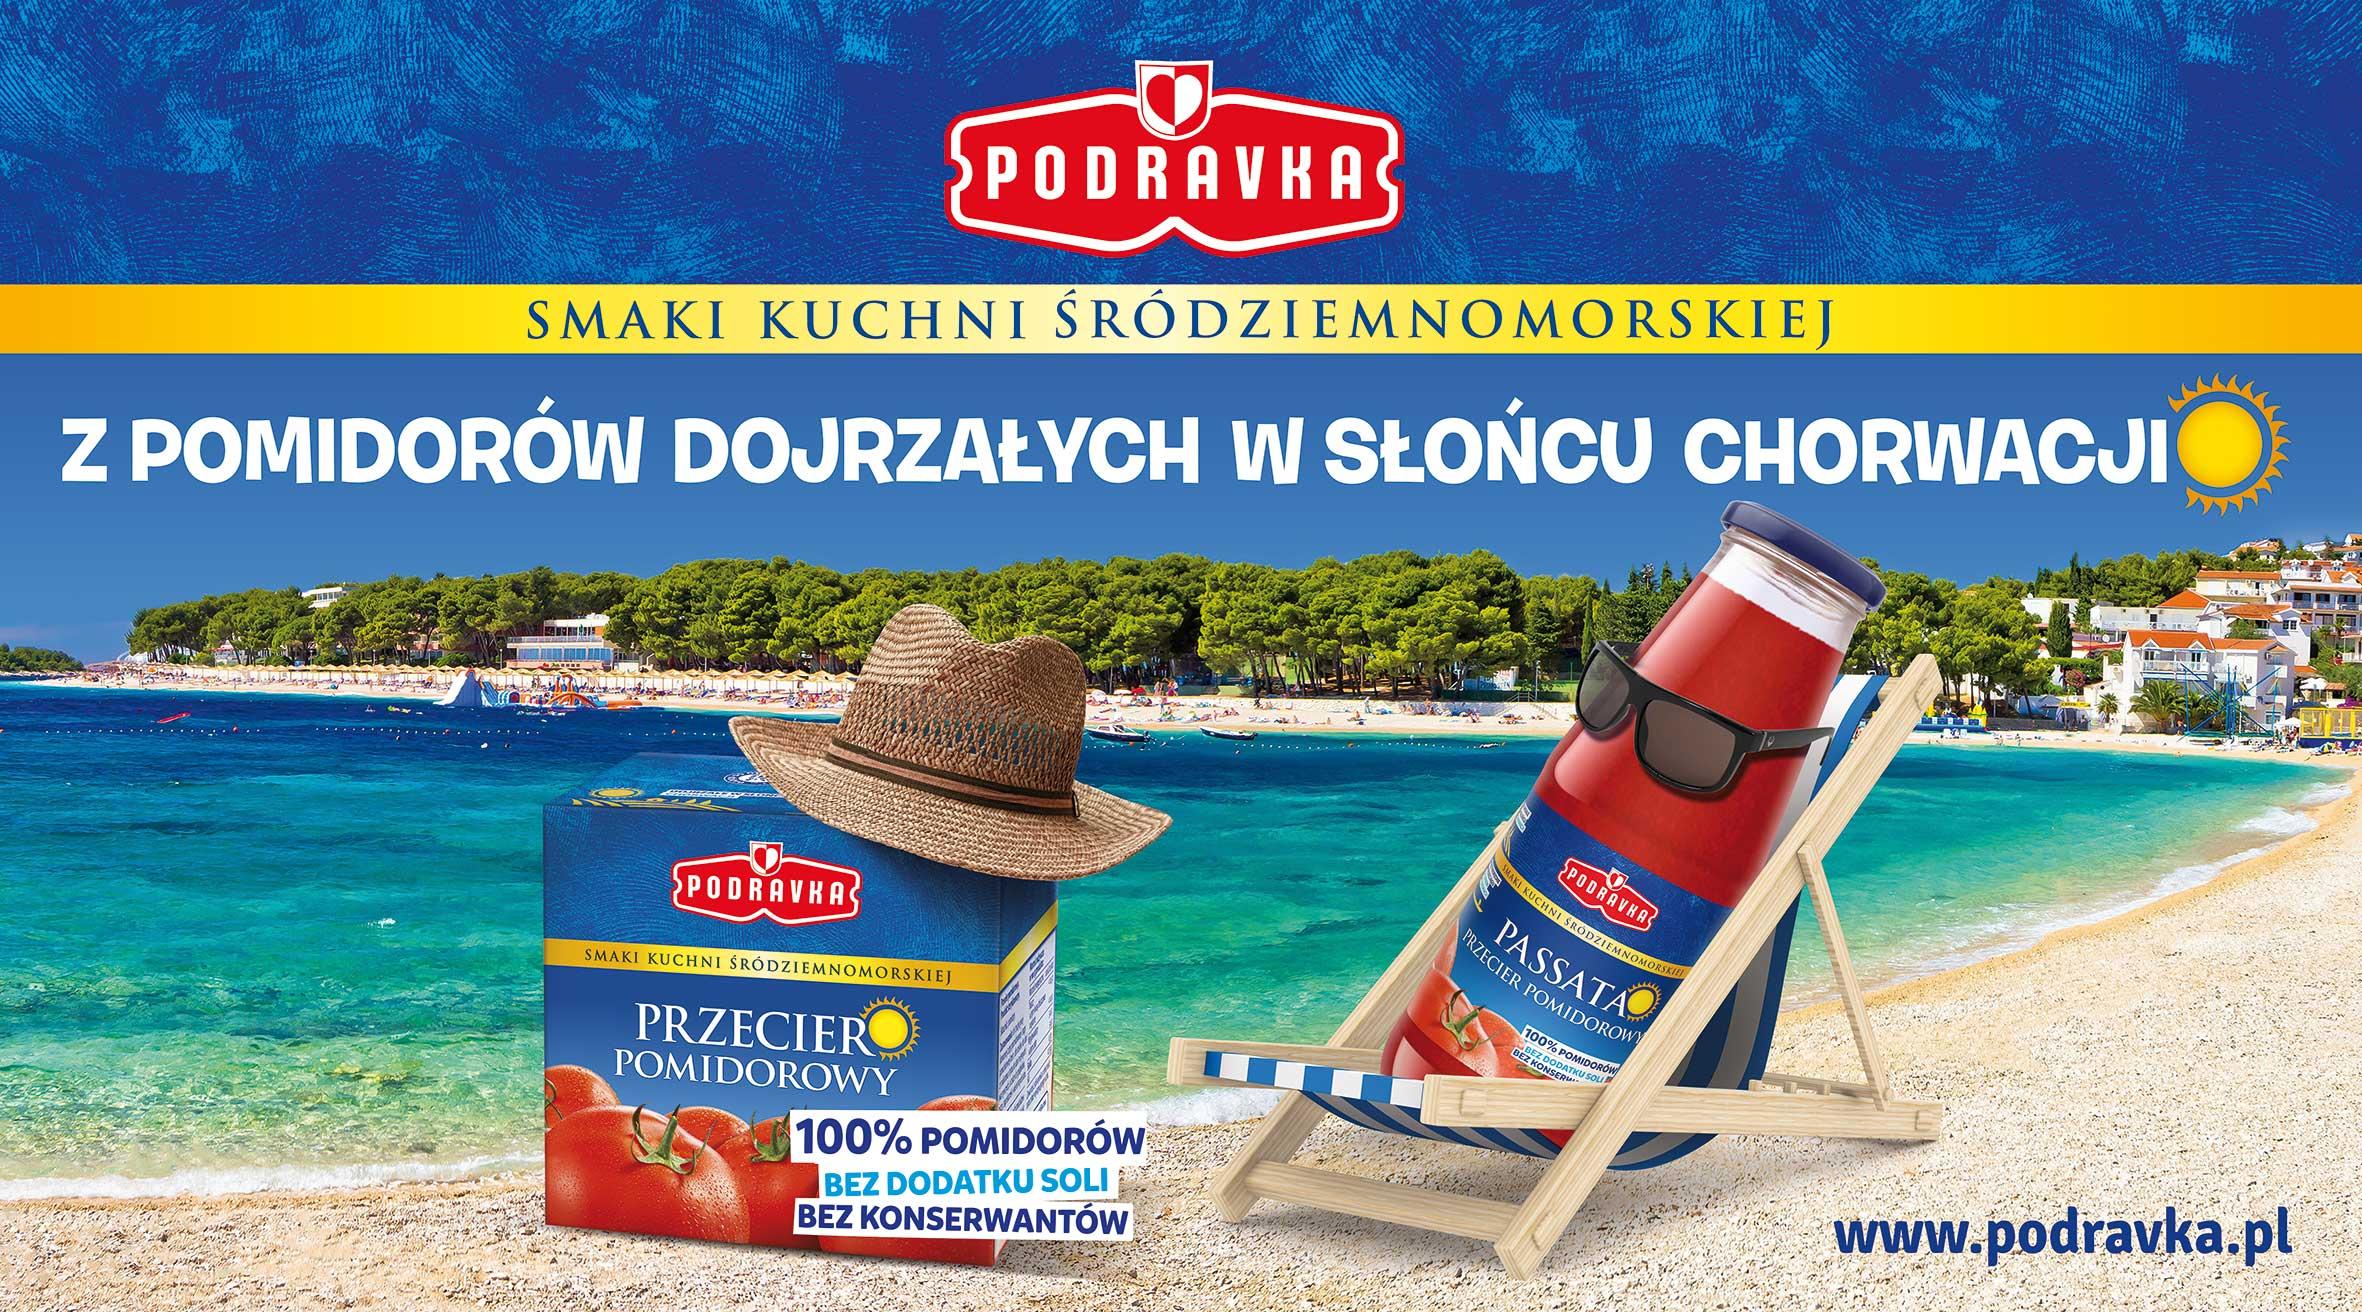 Śródziemnomorskie produkty Podravka w kampanii telewizyjnej